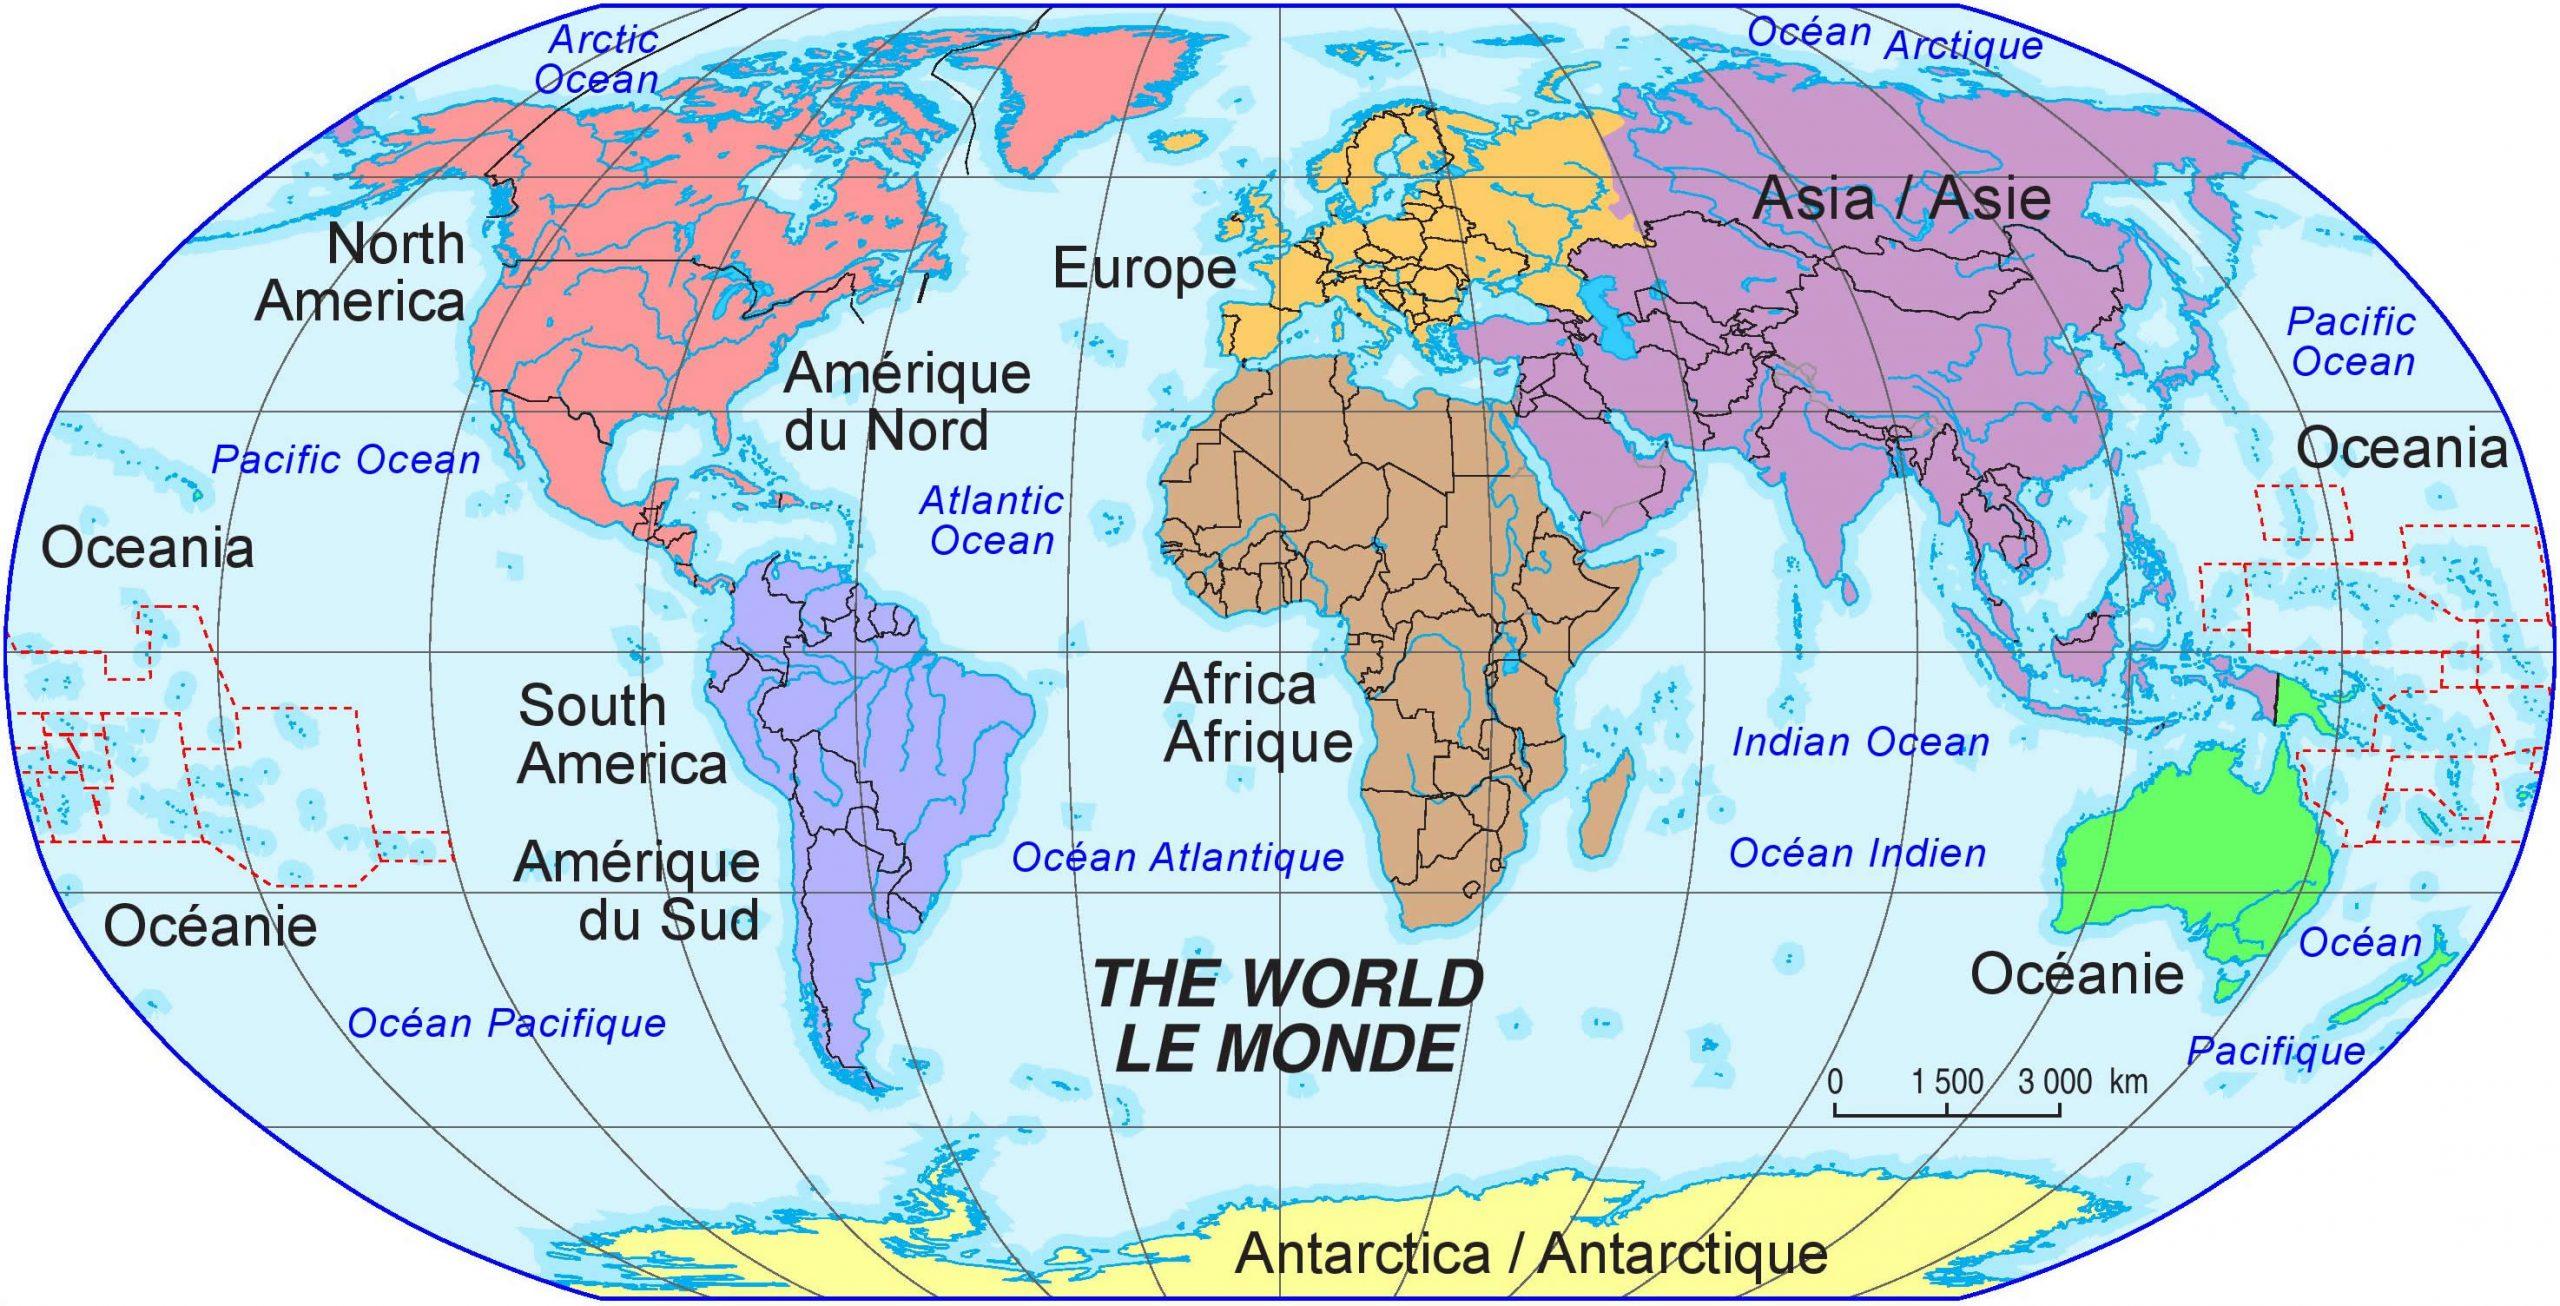 Carte Du Monde Continent, La Carte Du Monde Continent encequiconcerne Carte Du Monde Avec Continent